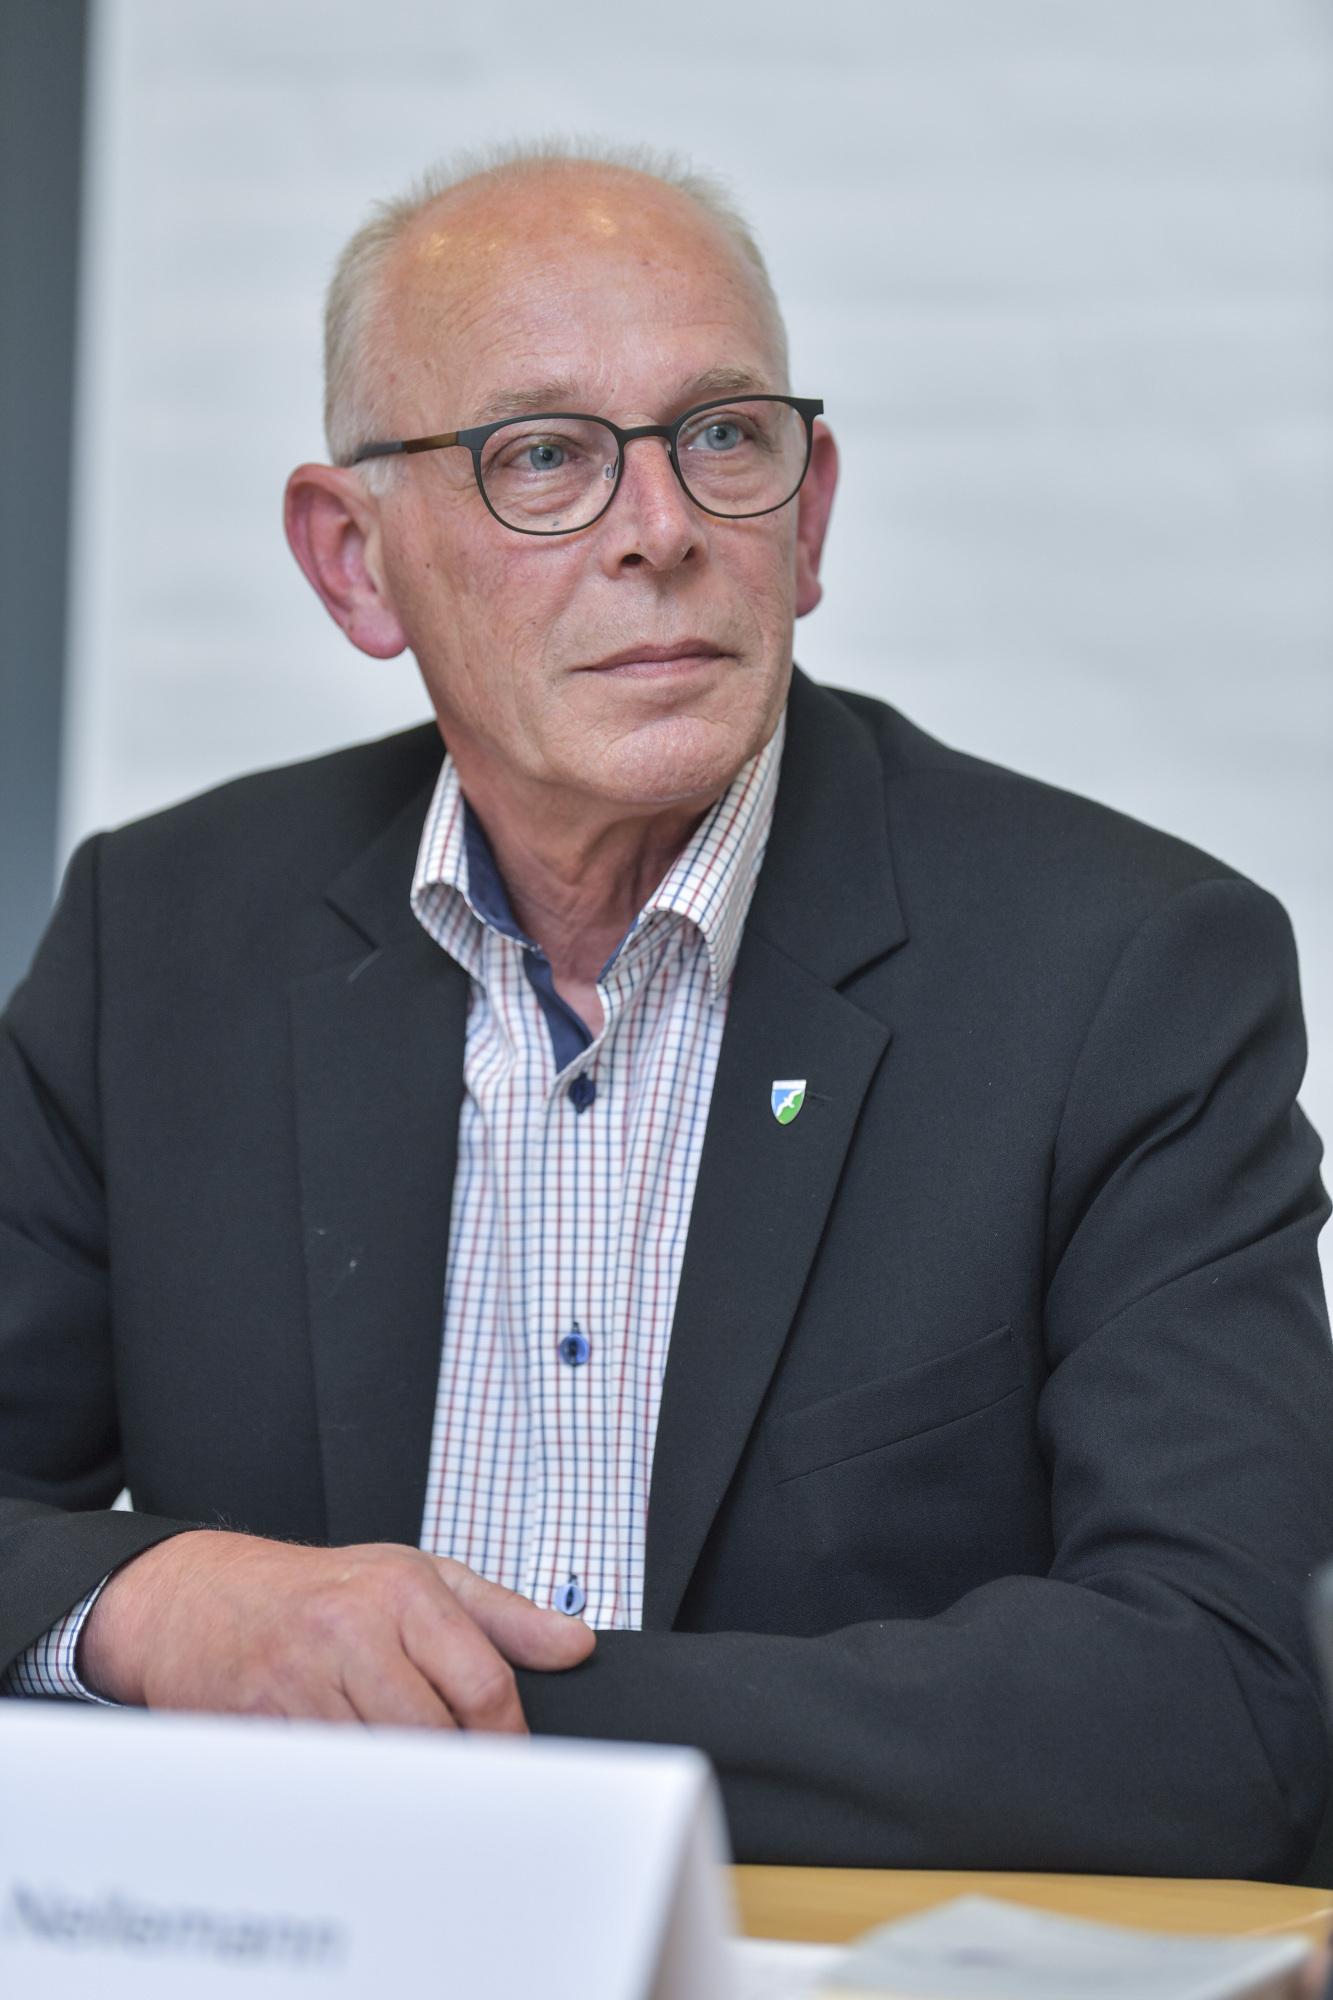 Claus T. Kræmmergård